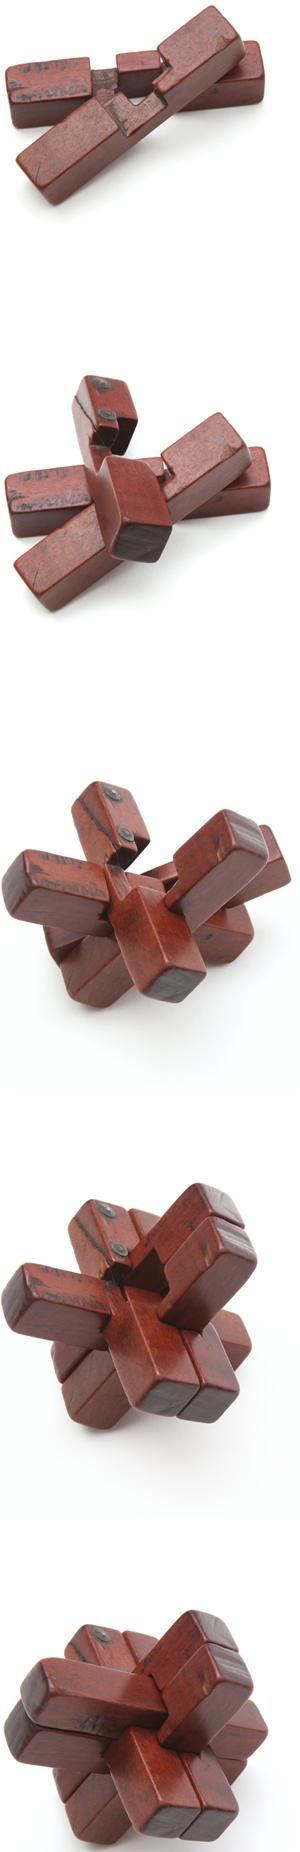 interlocking-burr-puzzle